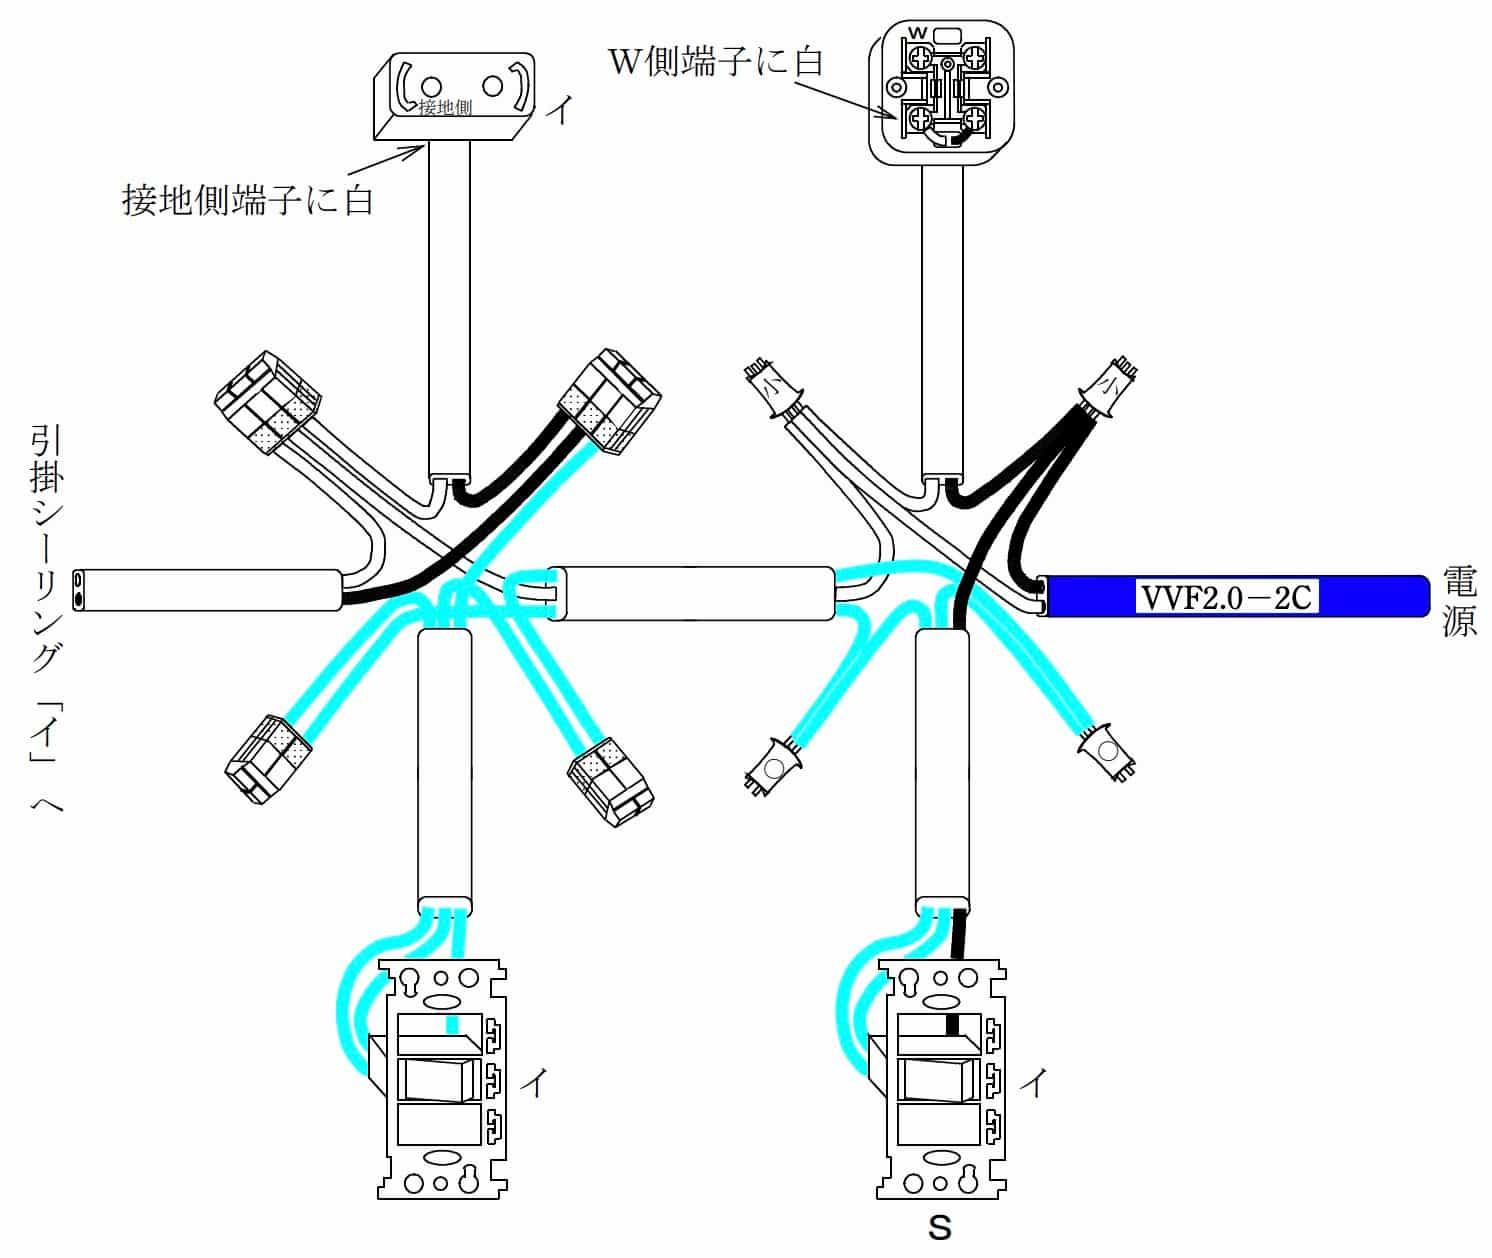 第二種電気工事士の技能試験の試験問題No.6の概念図